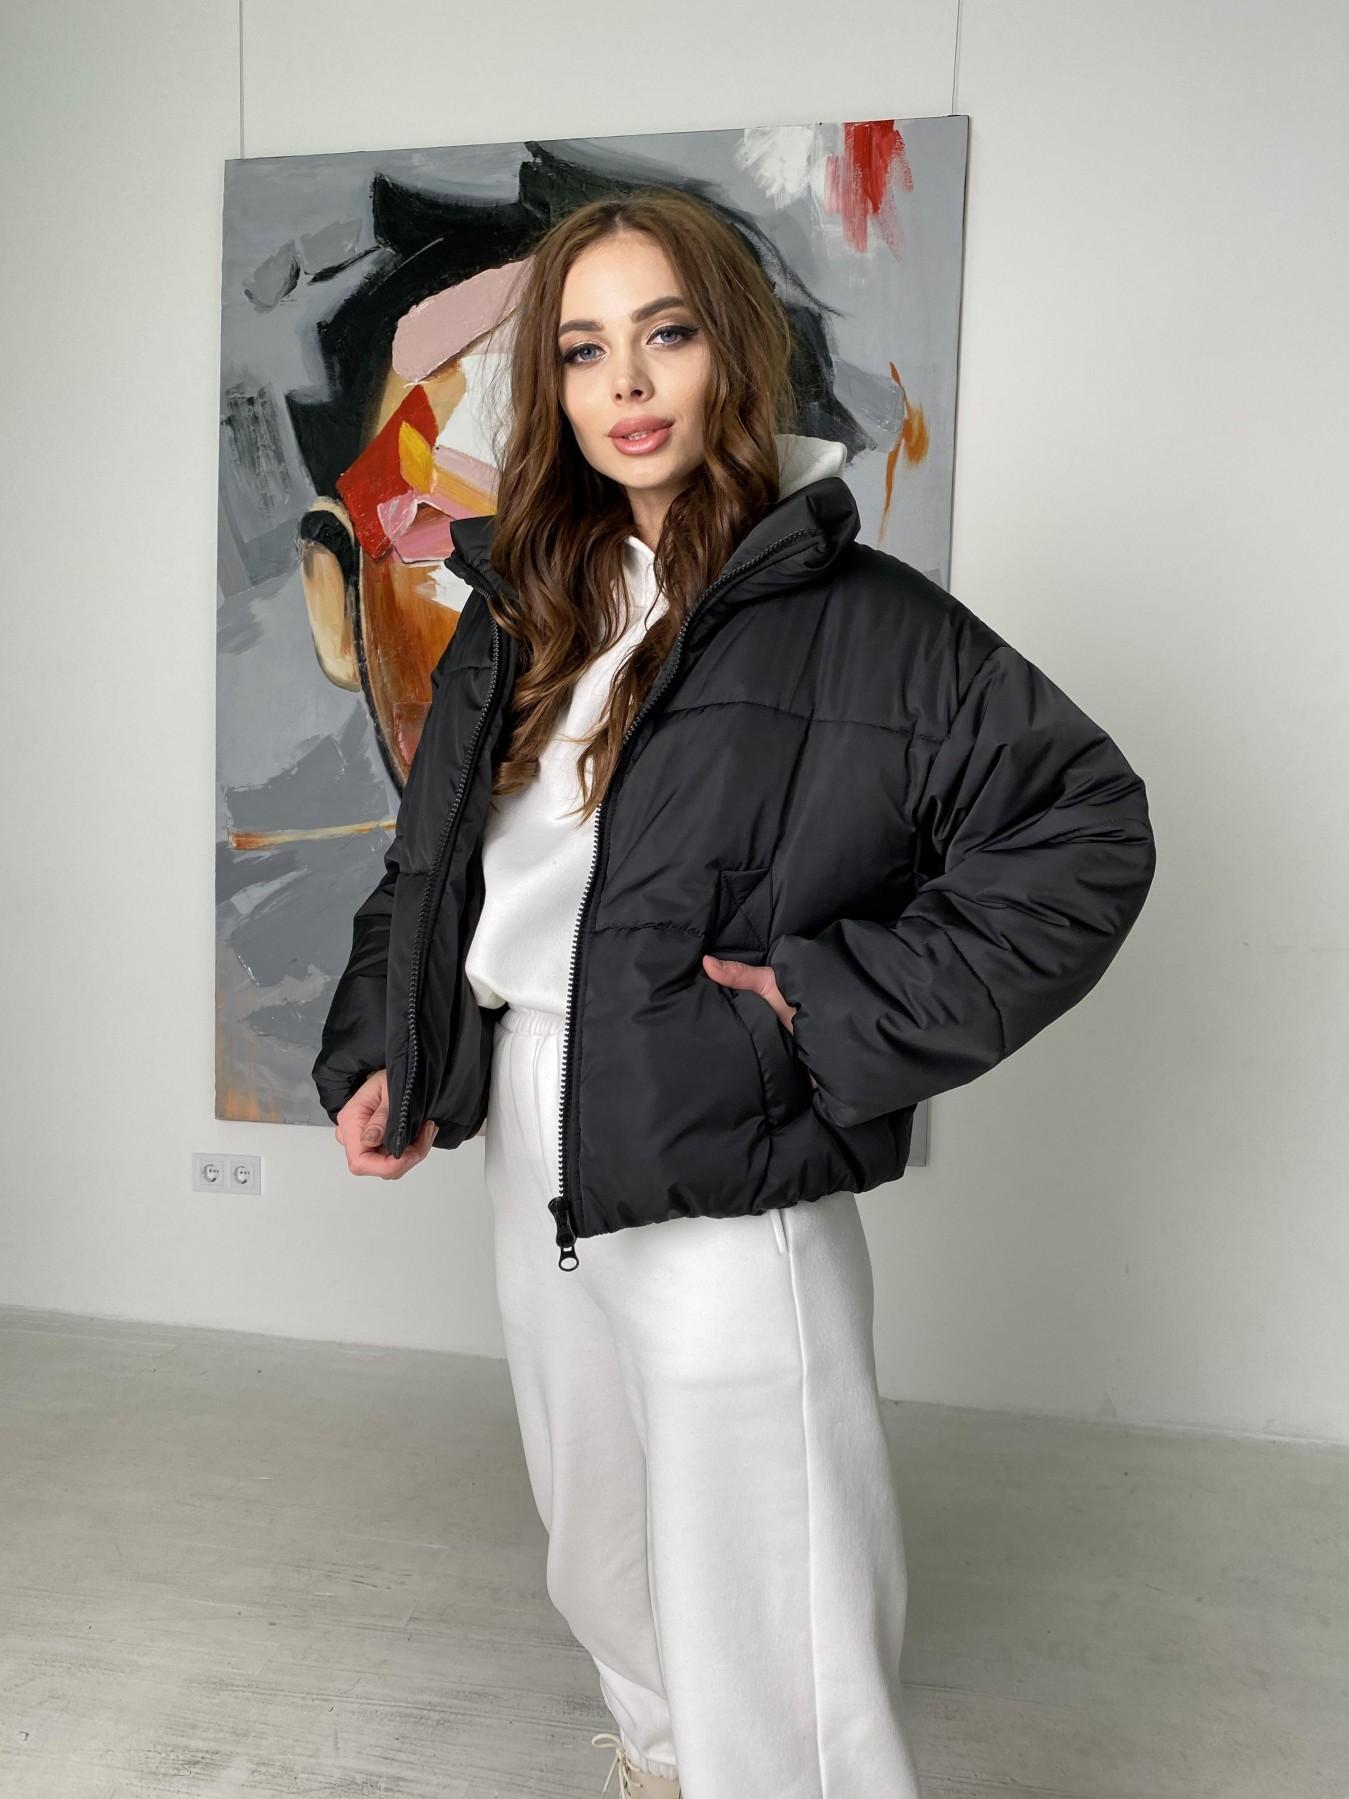 Драйв куртка из плащевой ткани 10448 АРТ. 46842 Цвет: Черный - фото 6, интернет магазин tm-modus.ru